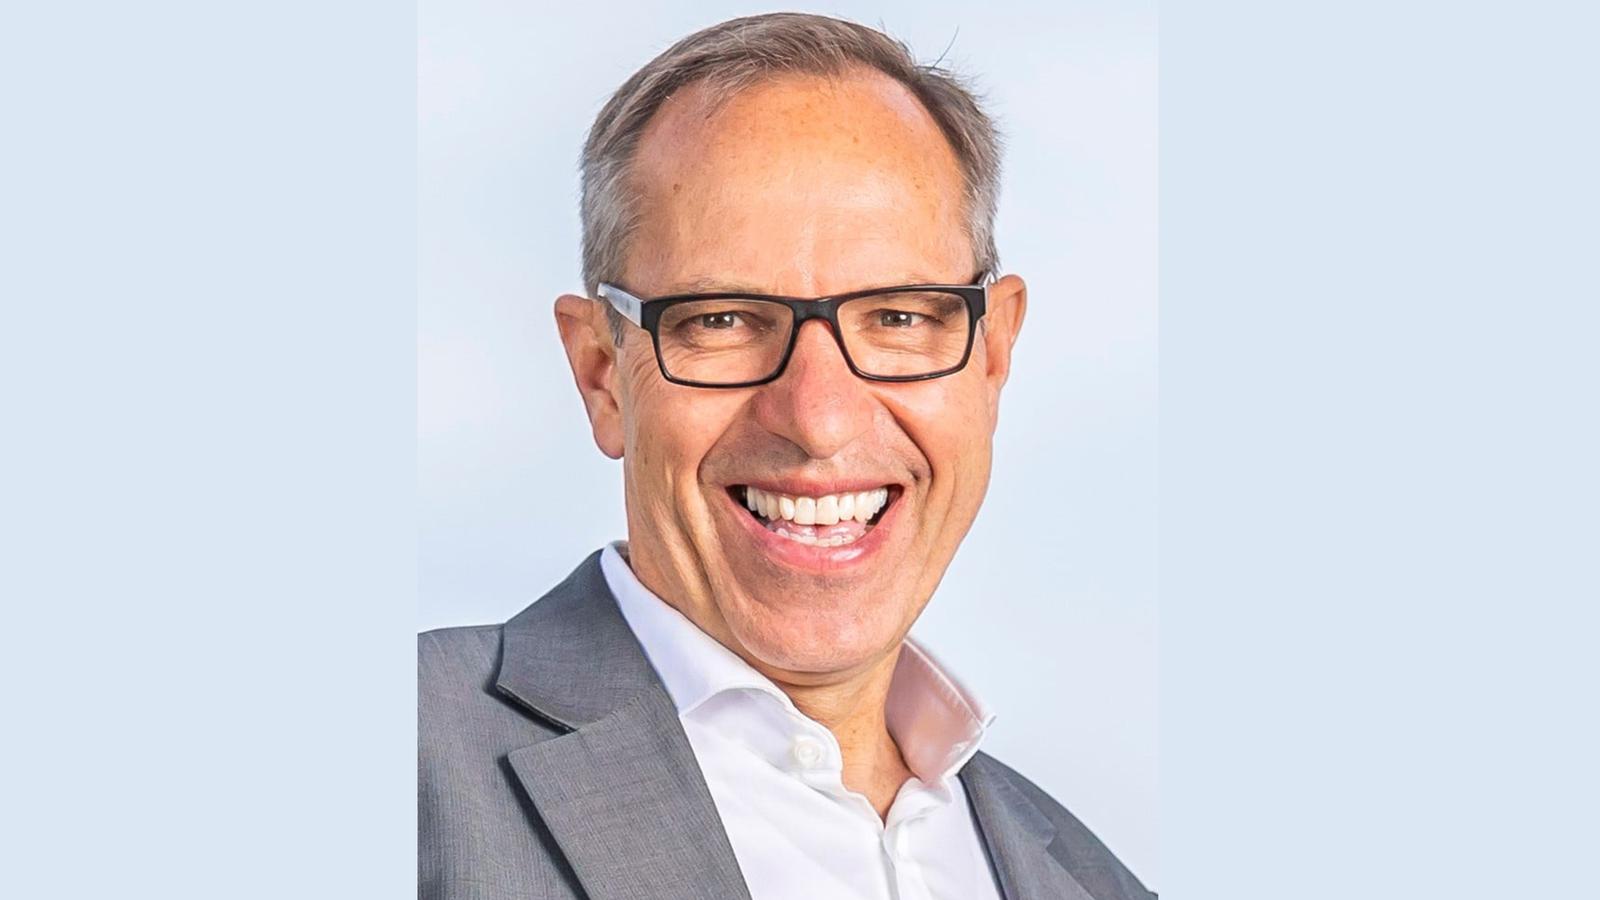 Hans Egli (EDU) – Der Landwirt aus Steinmaur will sich vor allem für die Stärkung der Familien aus dem Mittelstand einsetzten. Im Kantonsparlament sitzt Egli seit drei Jahren. Seine Wahlchancen sind verschwindend klein. (© www.hansegli.ch)